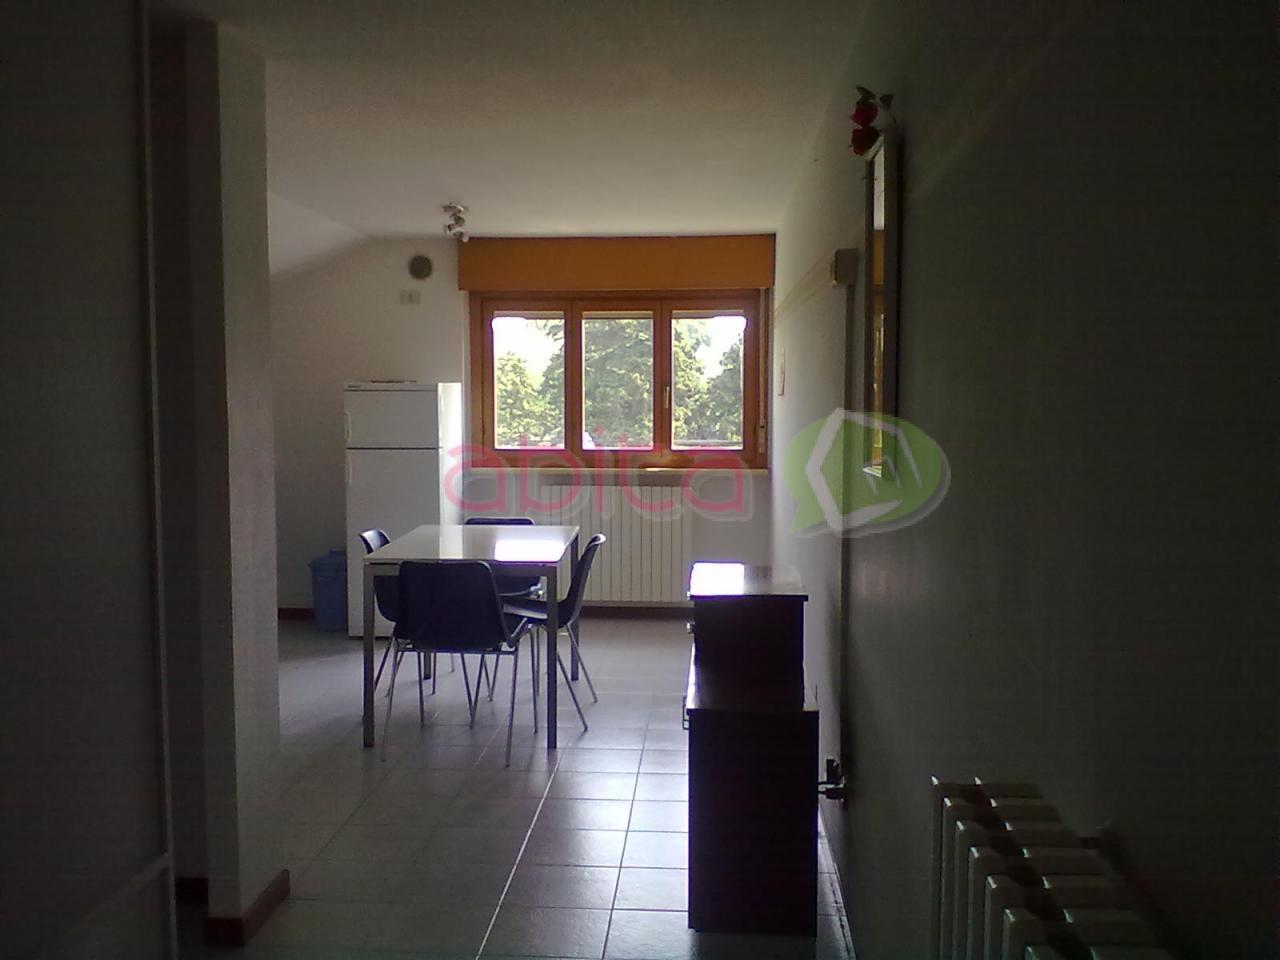 Appartamento in vendita a Colli del Tronto, 2 locali, zona Località: VillaSanGiusepe, prezzo € 40.000   CambioCasa.it